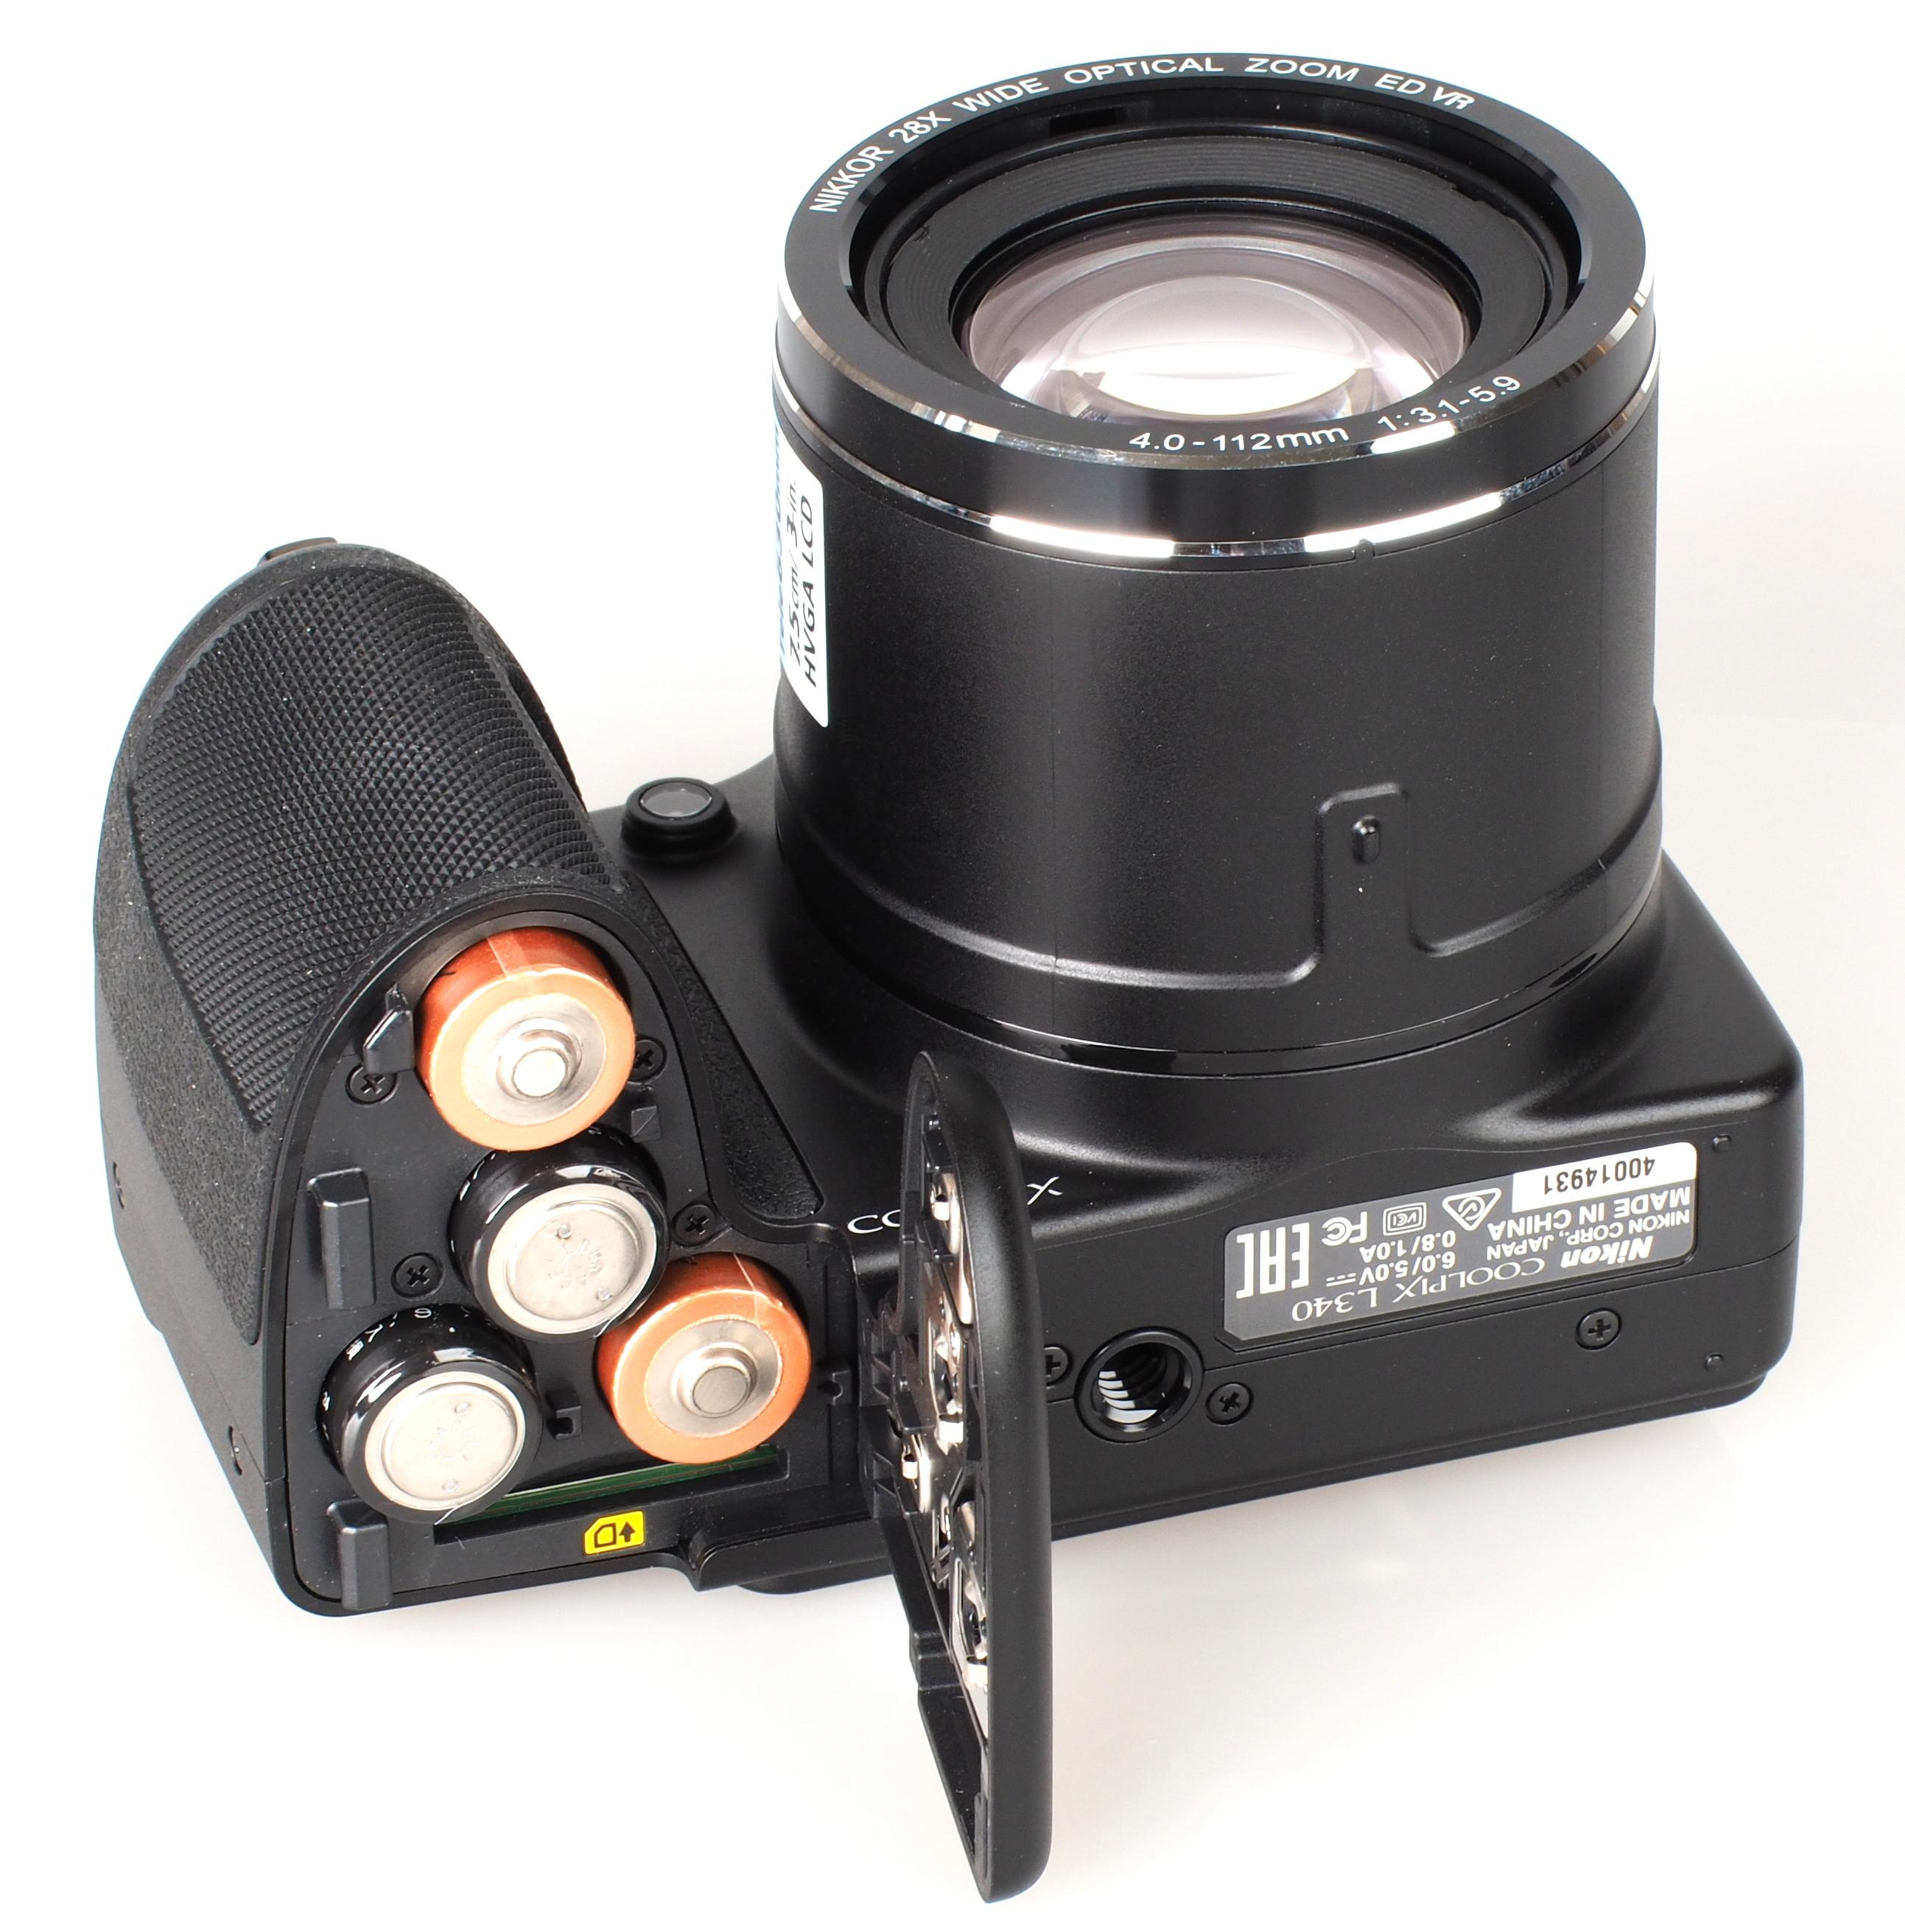 Nikon Coolpix L340 Review